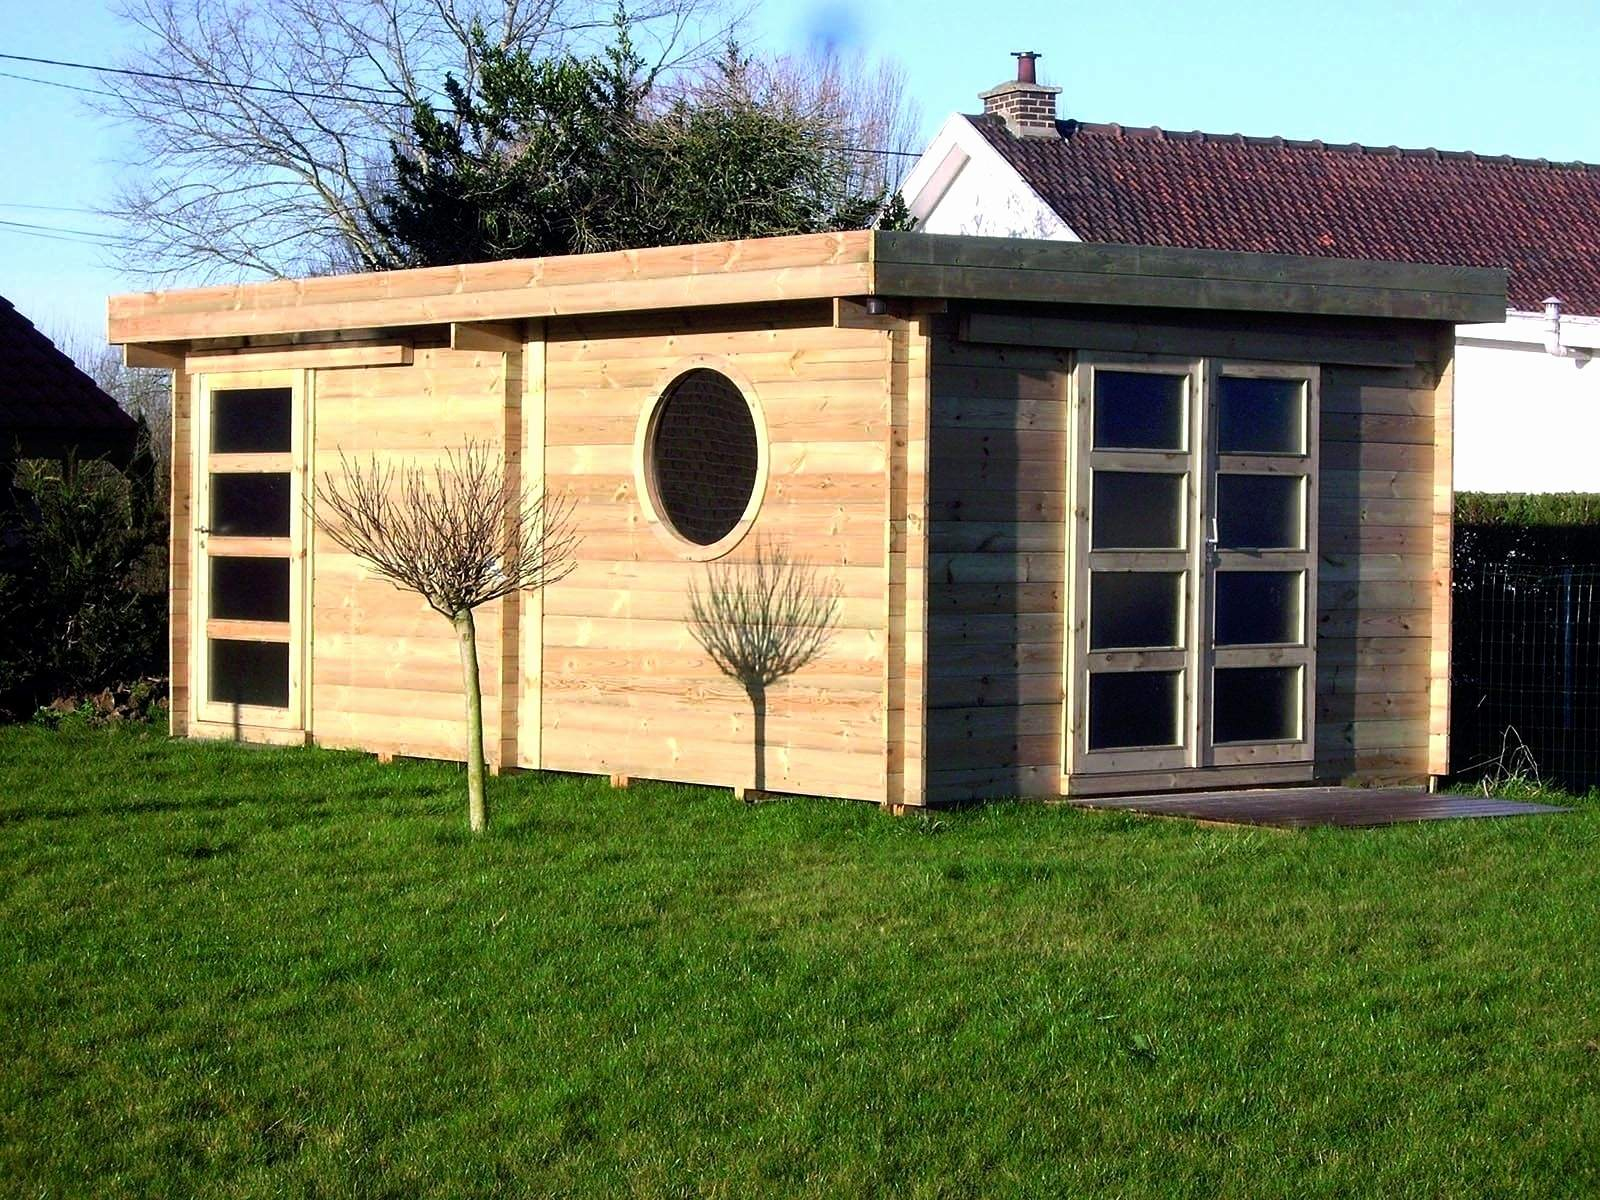 Serre De Jardin Brico Depot Impressionnant Photos 16 Gracieux Petite Serre De Jardin Pas Cher Cuisine Et Jardin